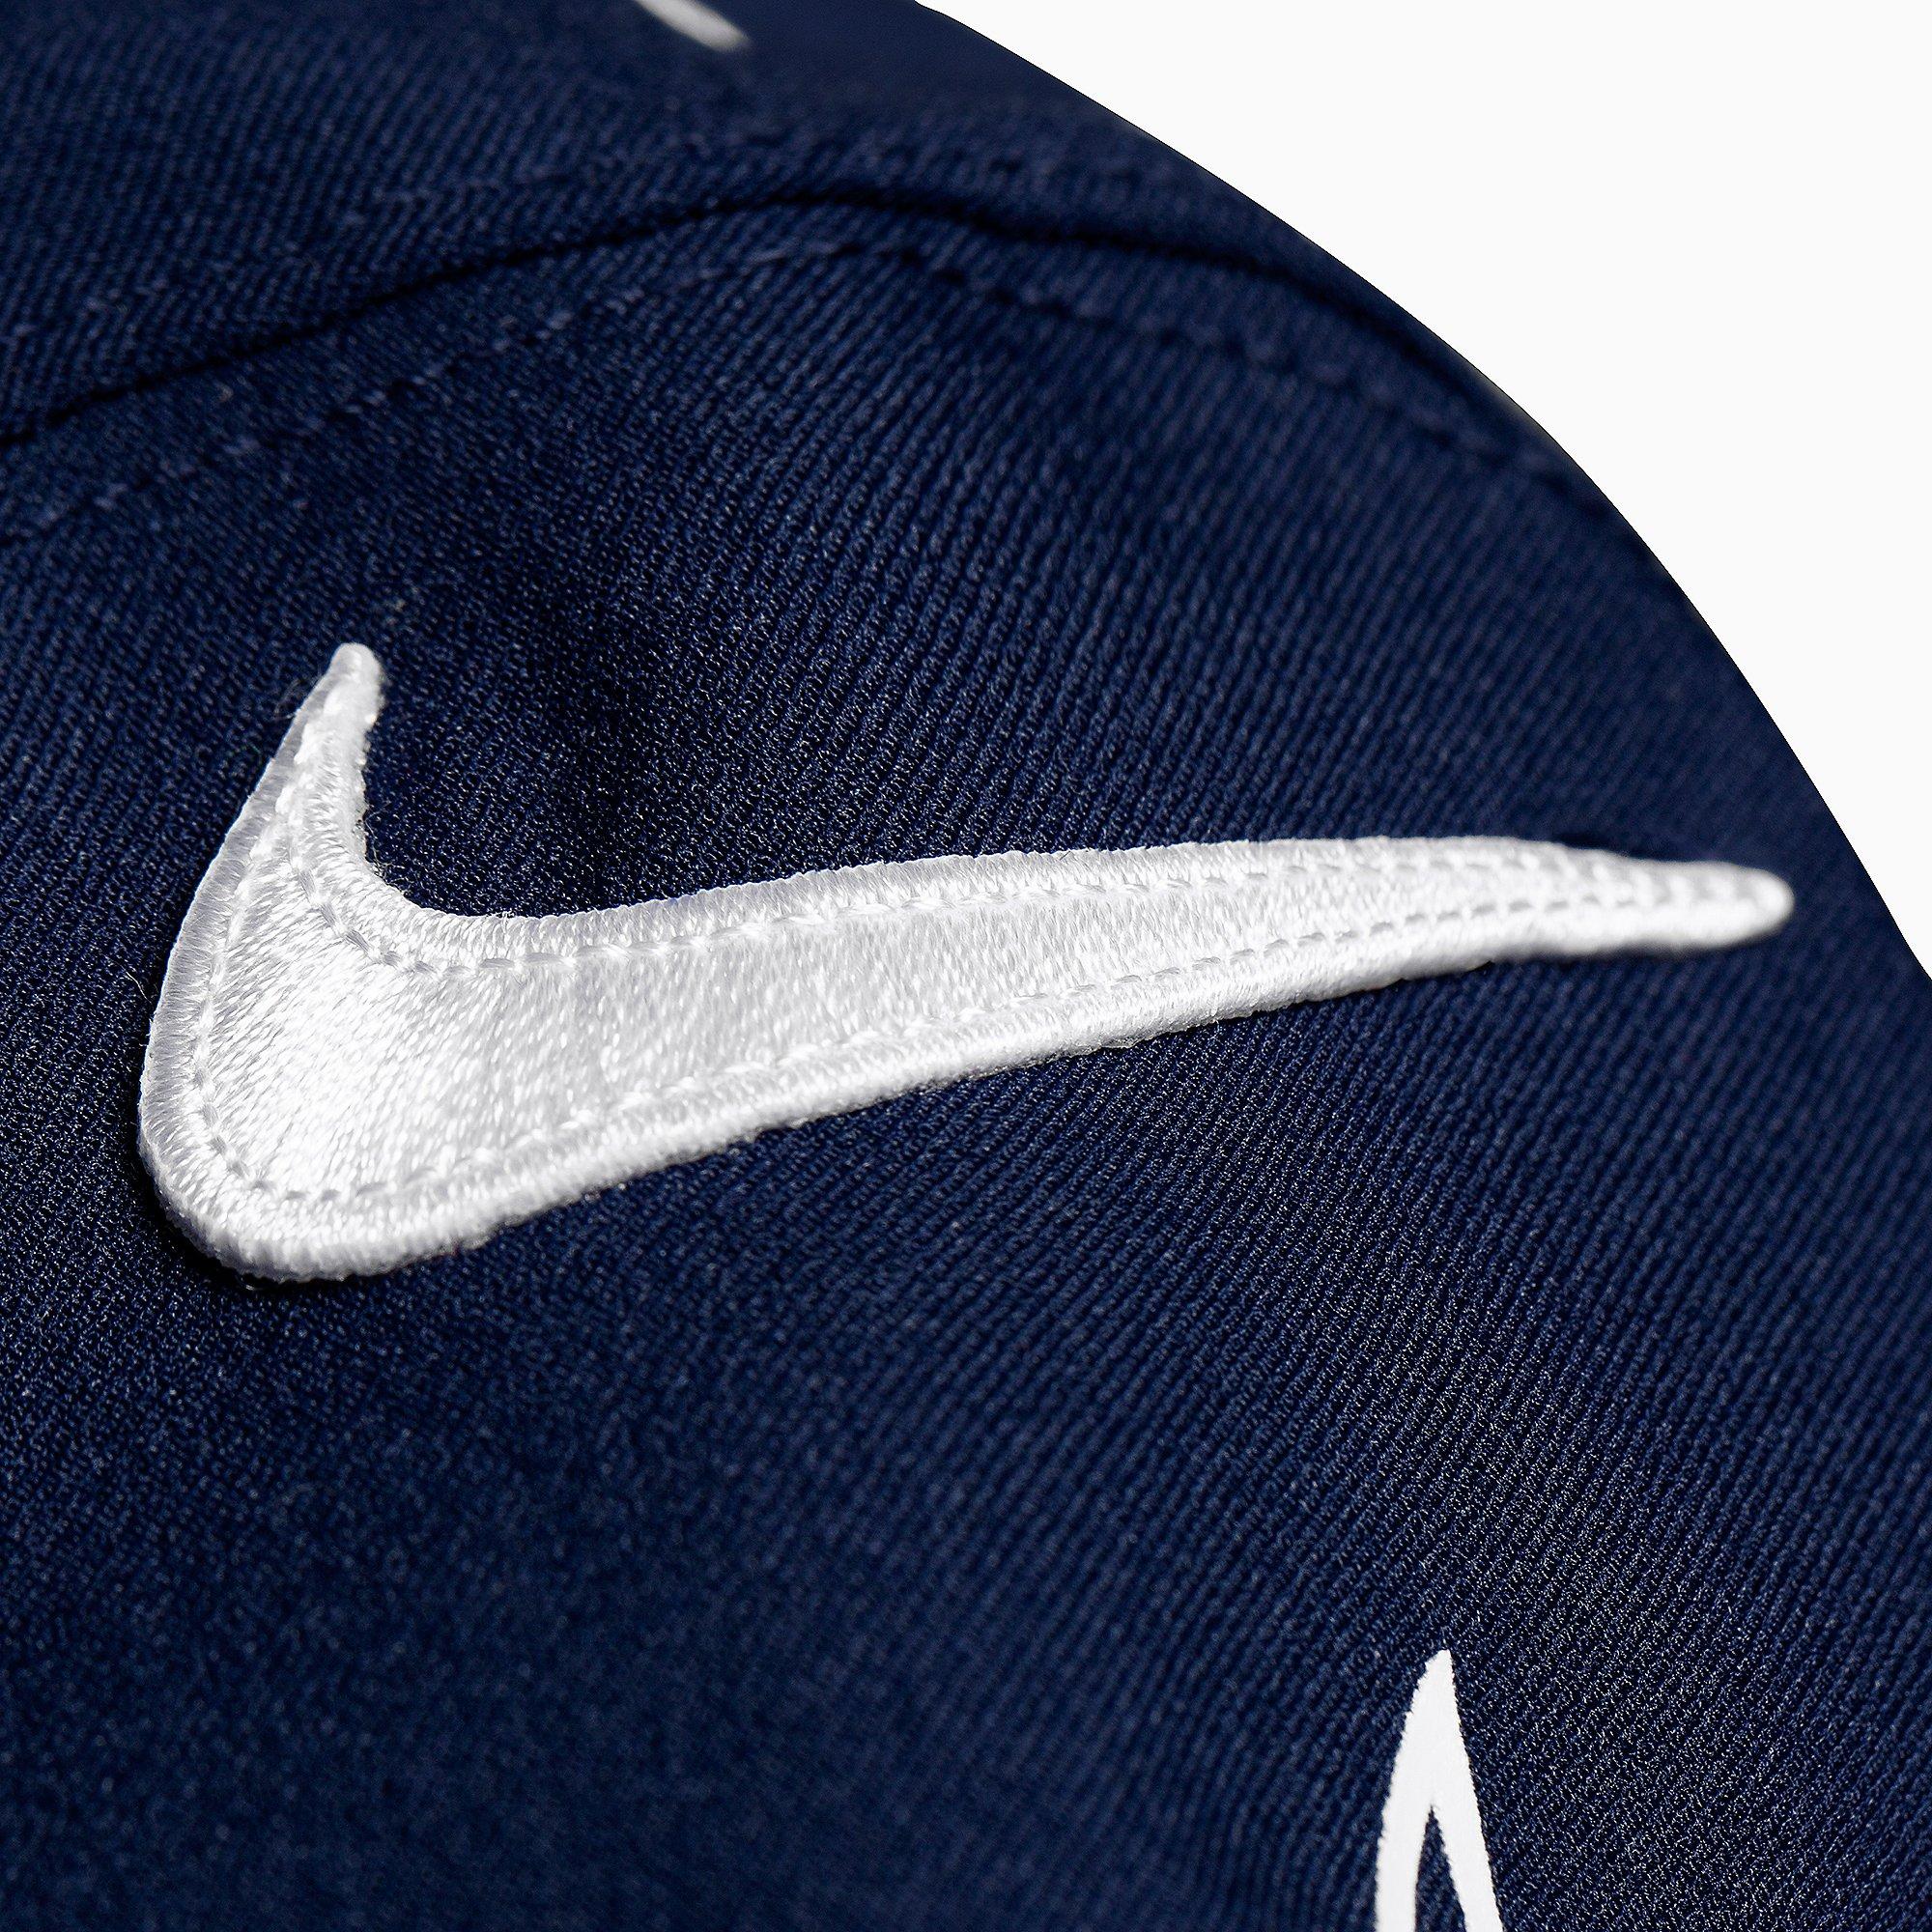 Dallas Cowboys Ezekiel Elliott #21 Nike Navy Vapor Elite Authentic ...